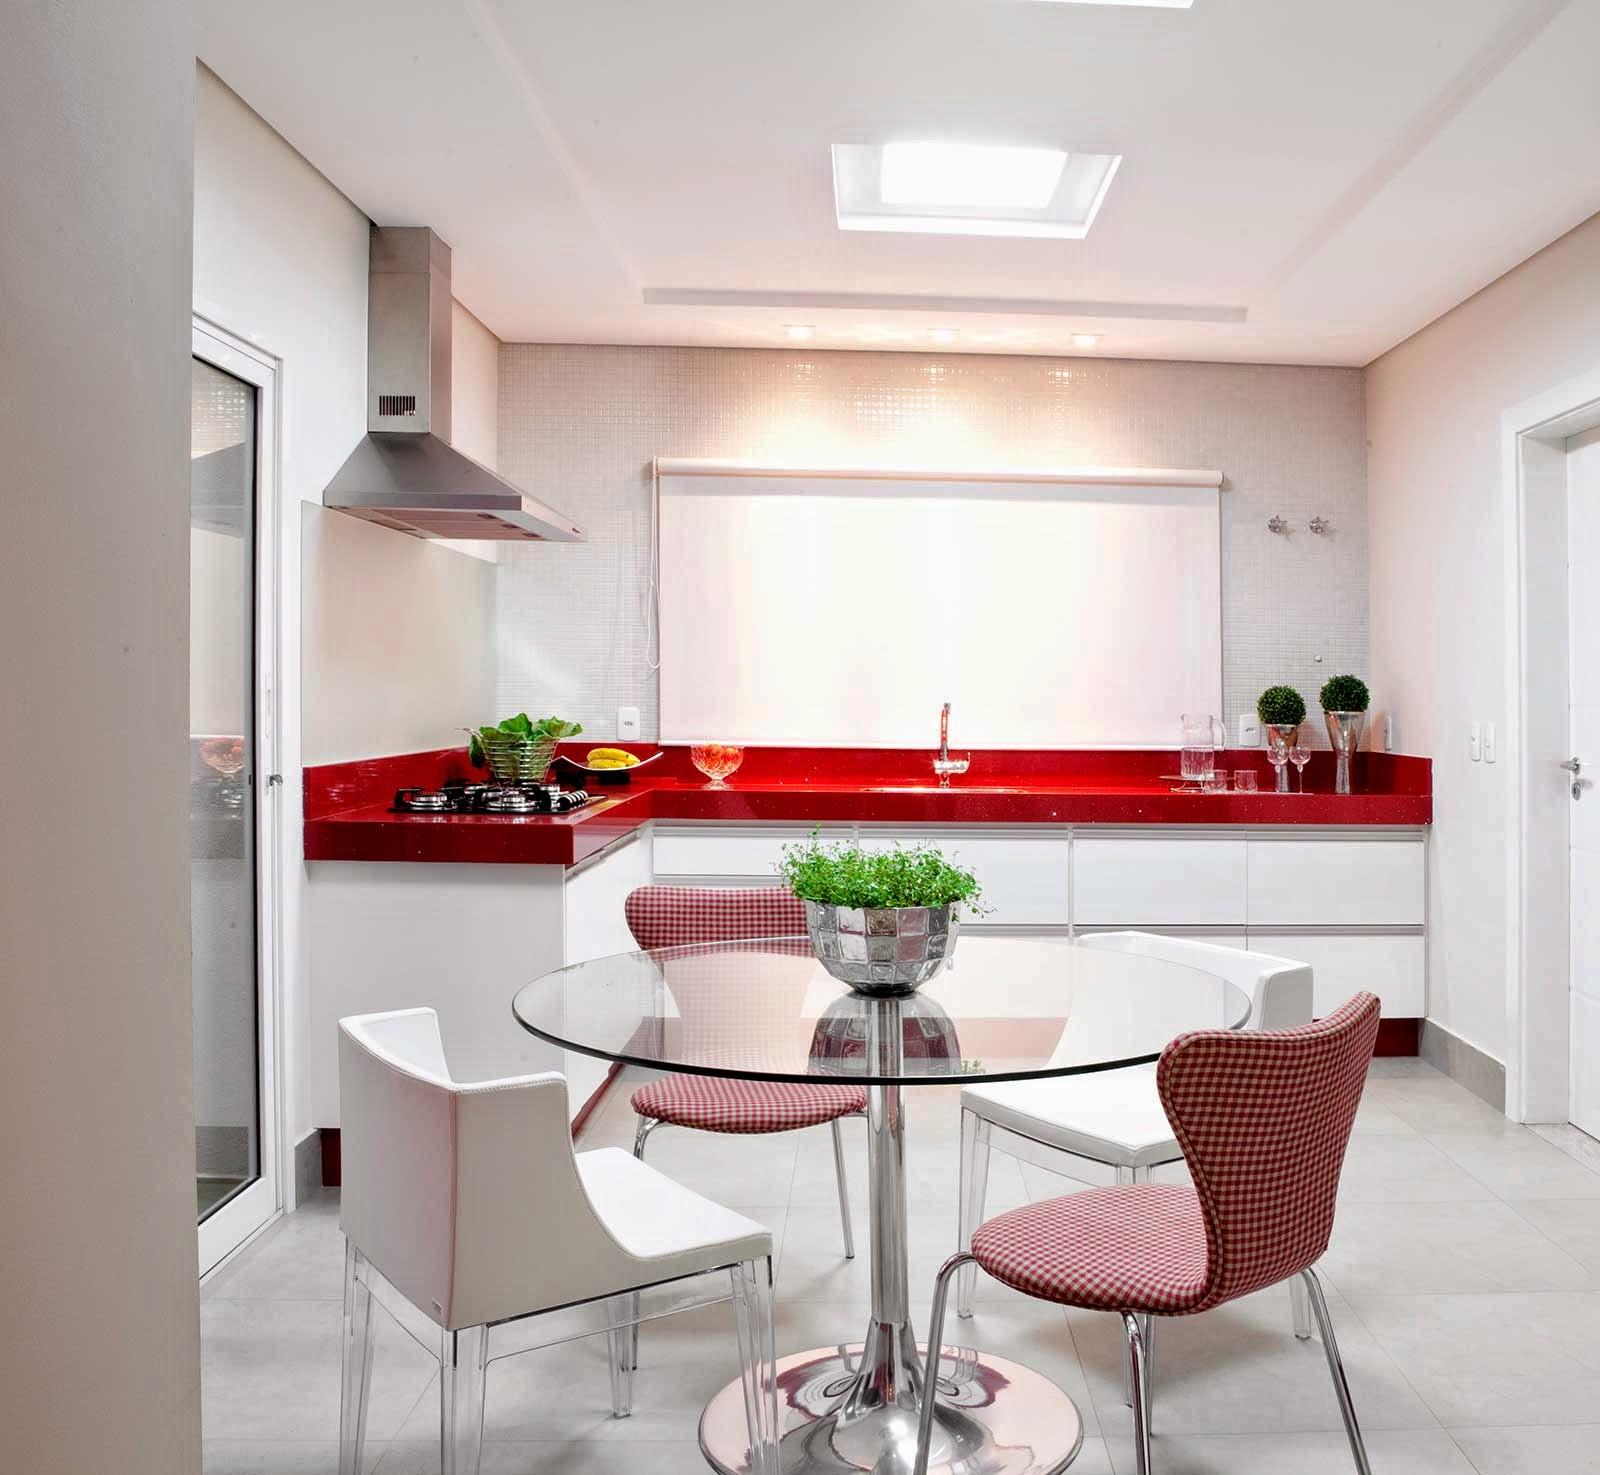 para o mix de cadeiras com estampa xadrez vichy vermelha. Projeto #BA1114 1600 1475